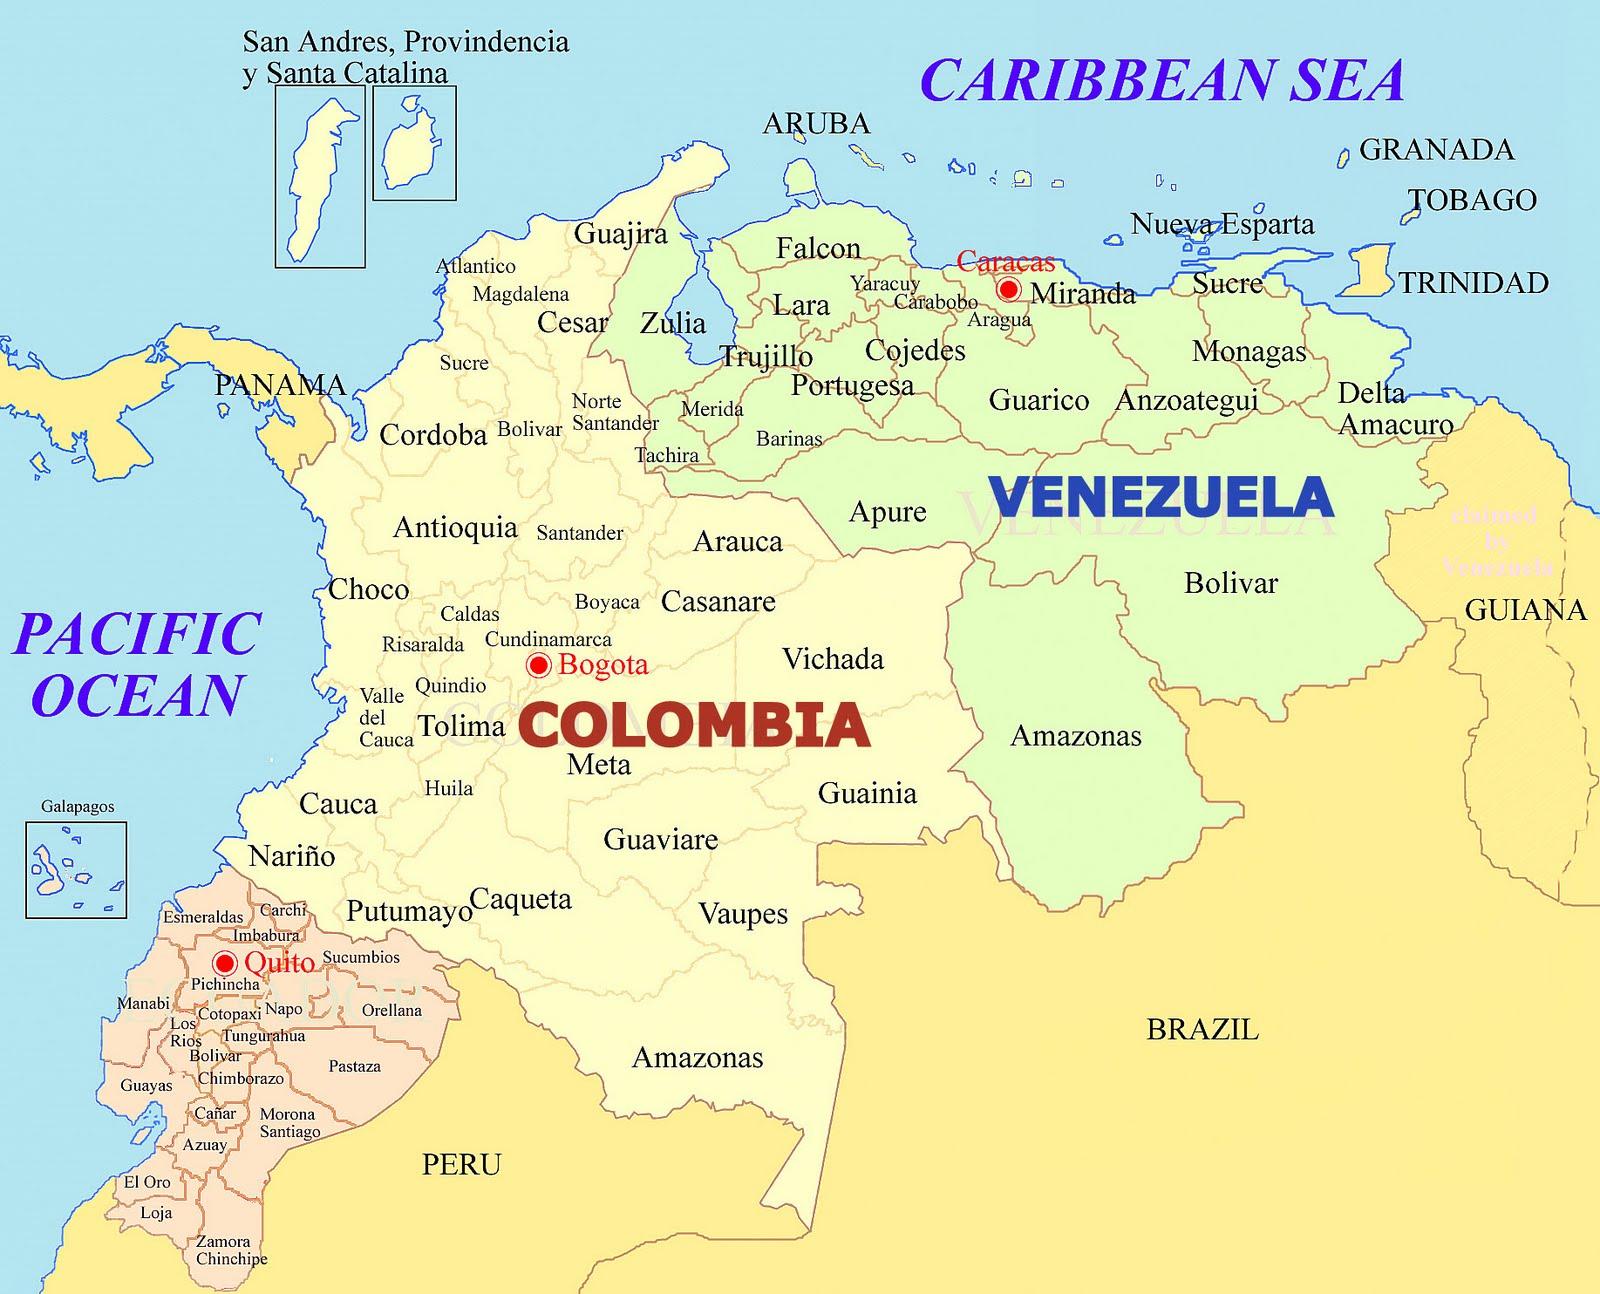 Isla De Coche in addition Site Los Roques moreover Angel Falls And Beyond furthermore Gaby Espino Una De Las Grandes Bellezas Del Mundo De Las Telenovelas moreover Showthread. on caracas venezuela